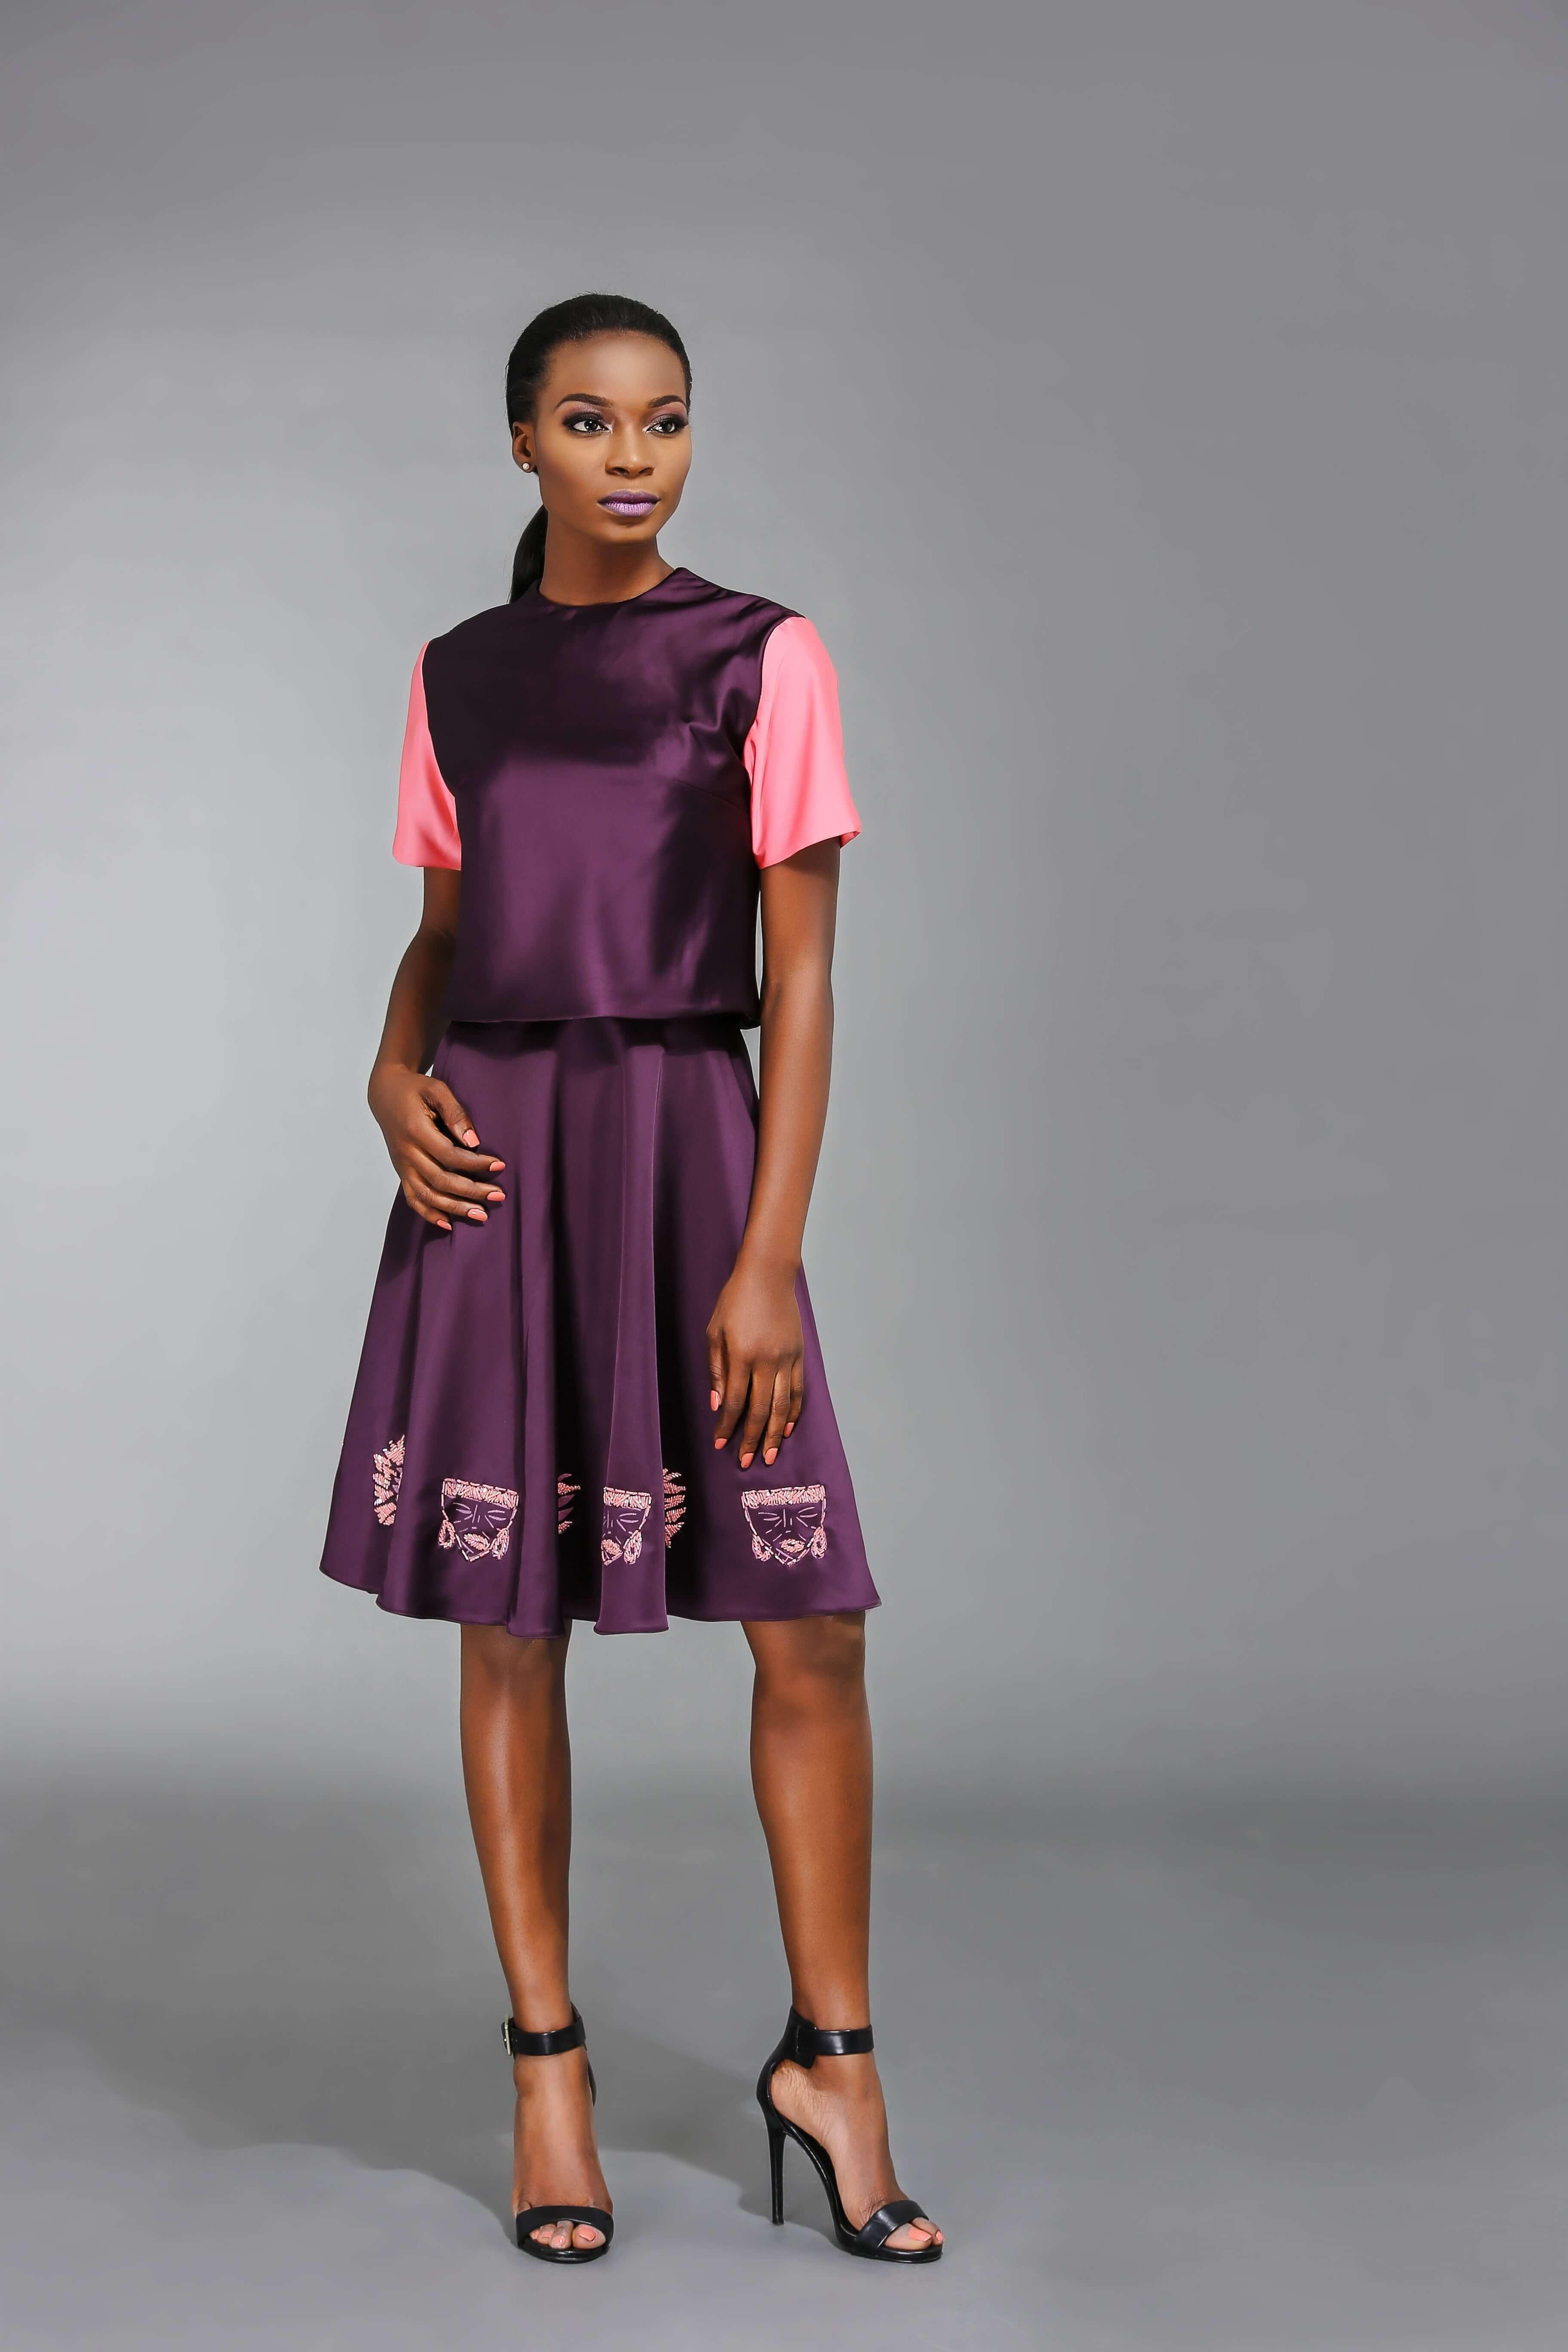 robe africaine moonlook SS15a5-min